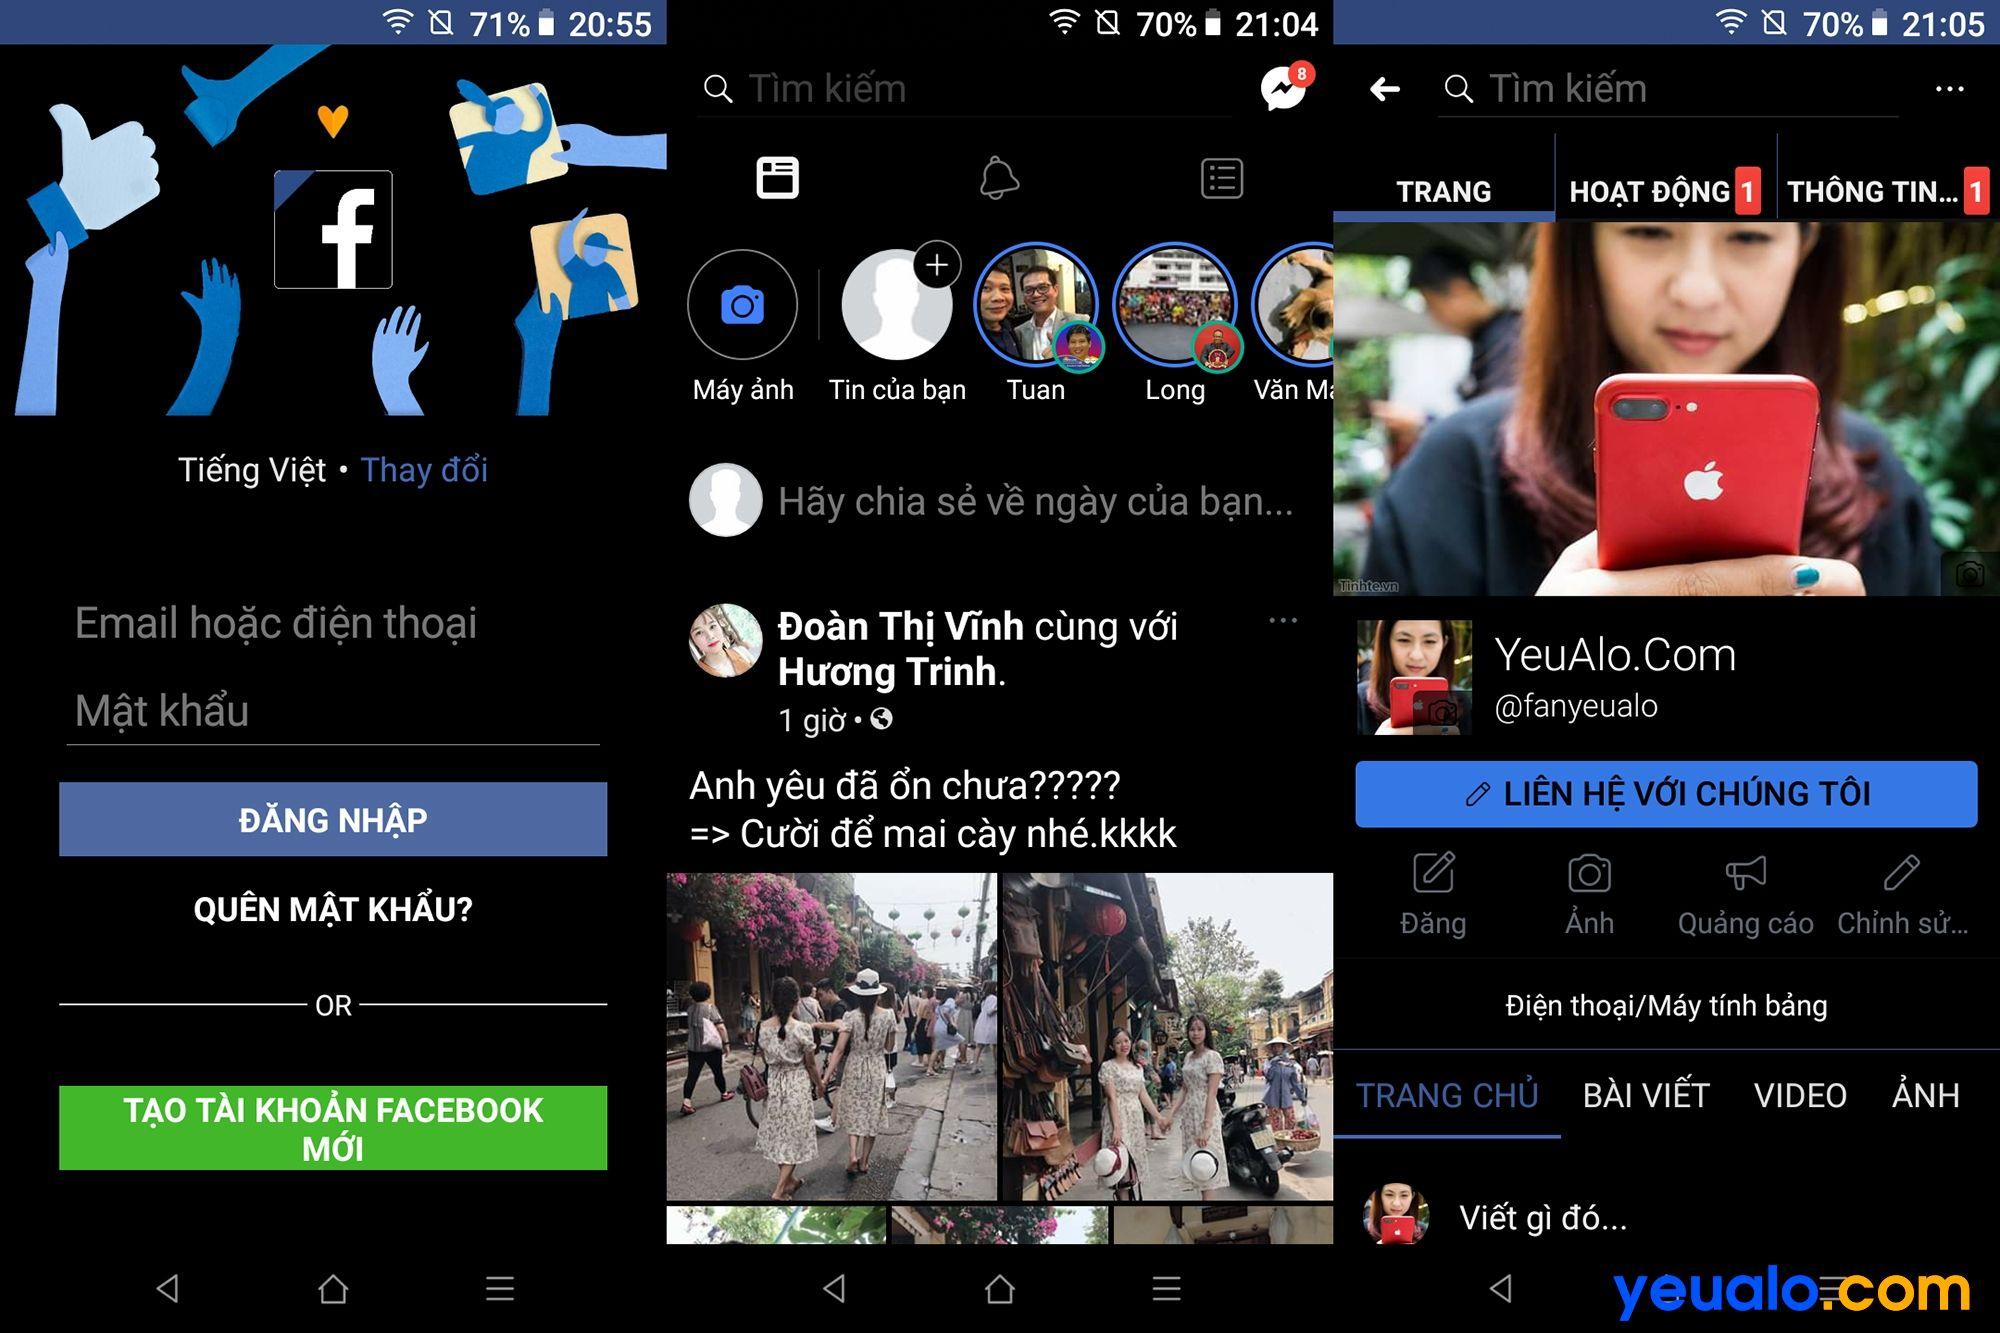 Cách bật chế độ Dark Mode cho Facebook trên Android